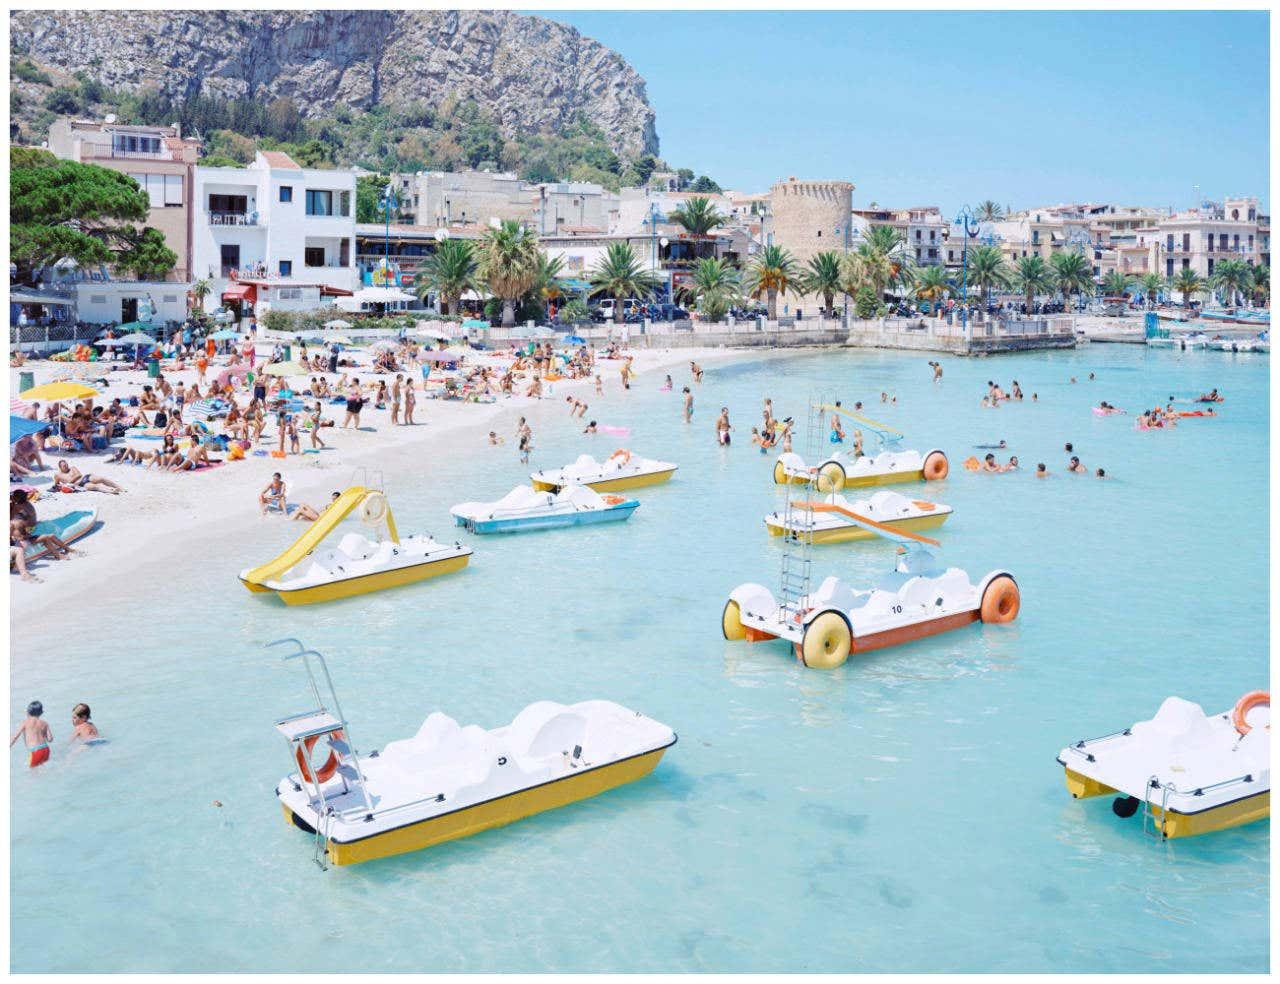 ifacartsmassimovitalimondellopaddleboats2007_l.jpeg?disable=upscale&auto=webp&quality=60&width=1318